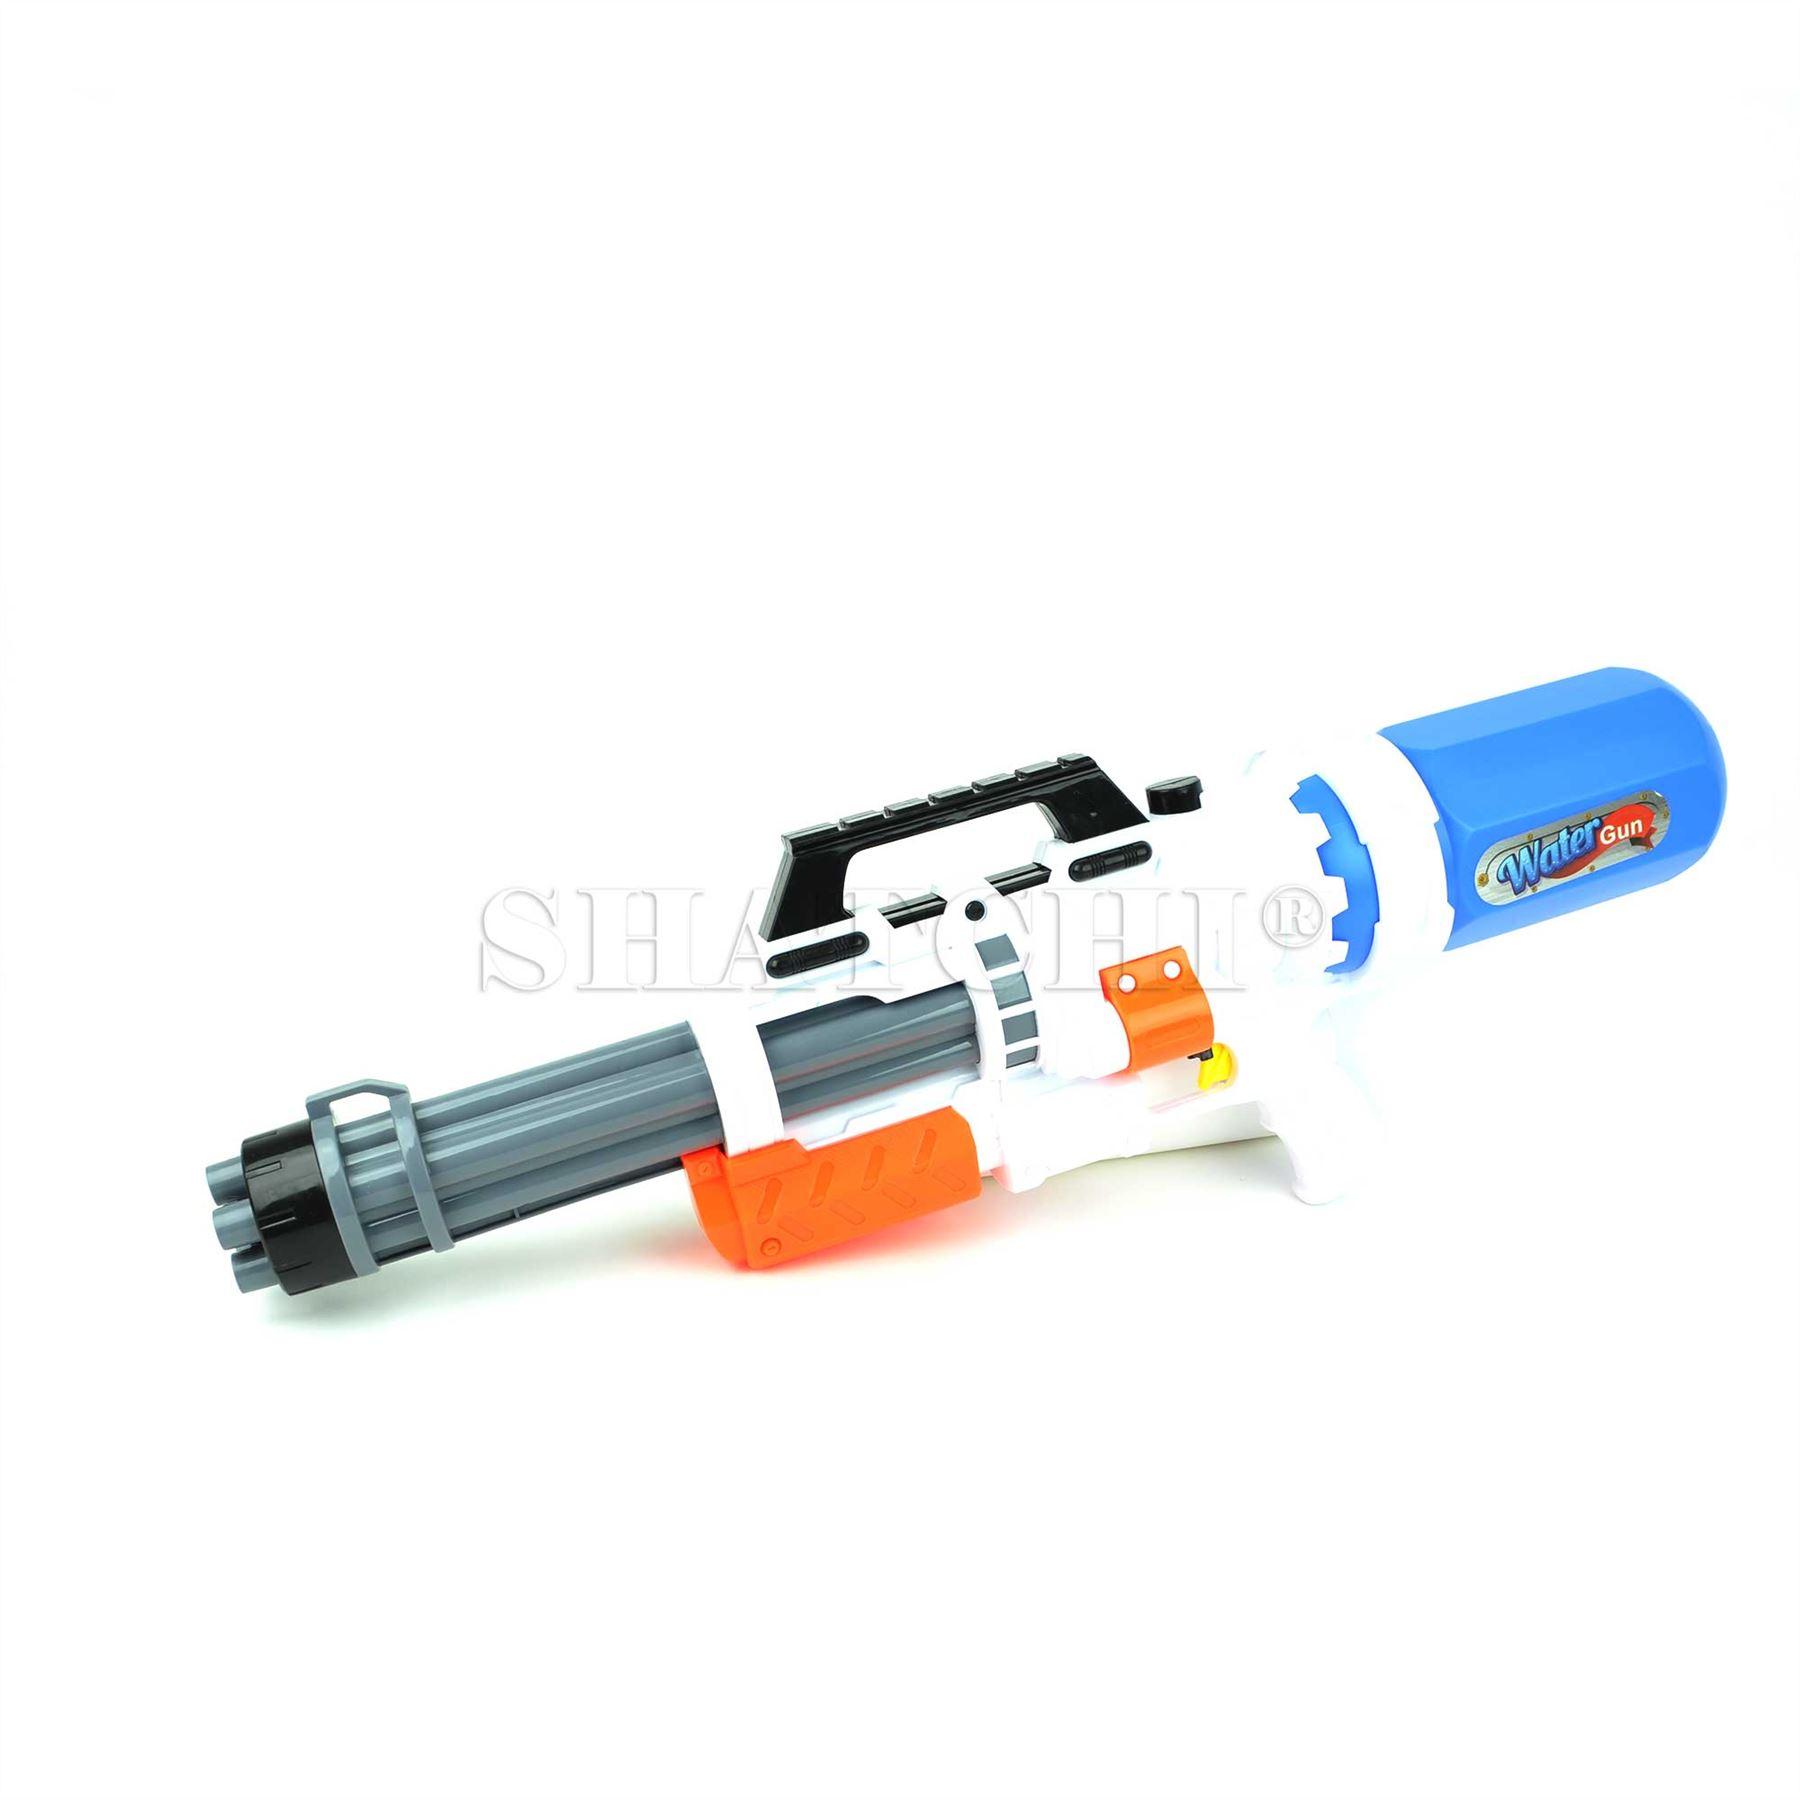 miniature 15 - Large Water Gun Pump Action Super Soaker Sprayer Backpack Outdoor Beach Garden